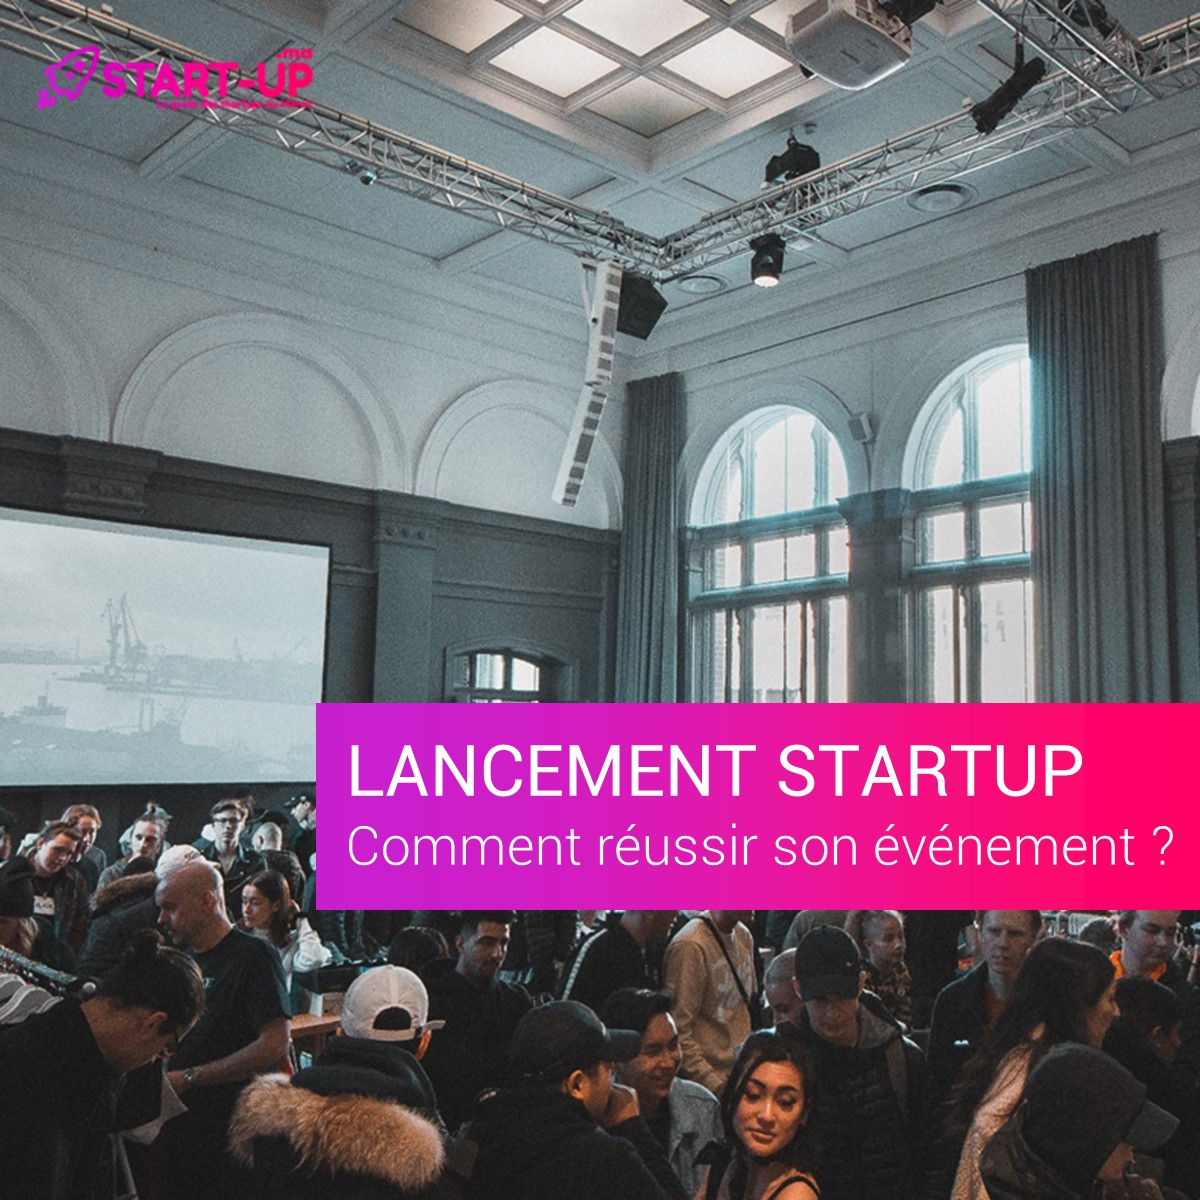 Évènement de lancement Startup